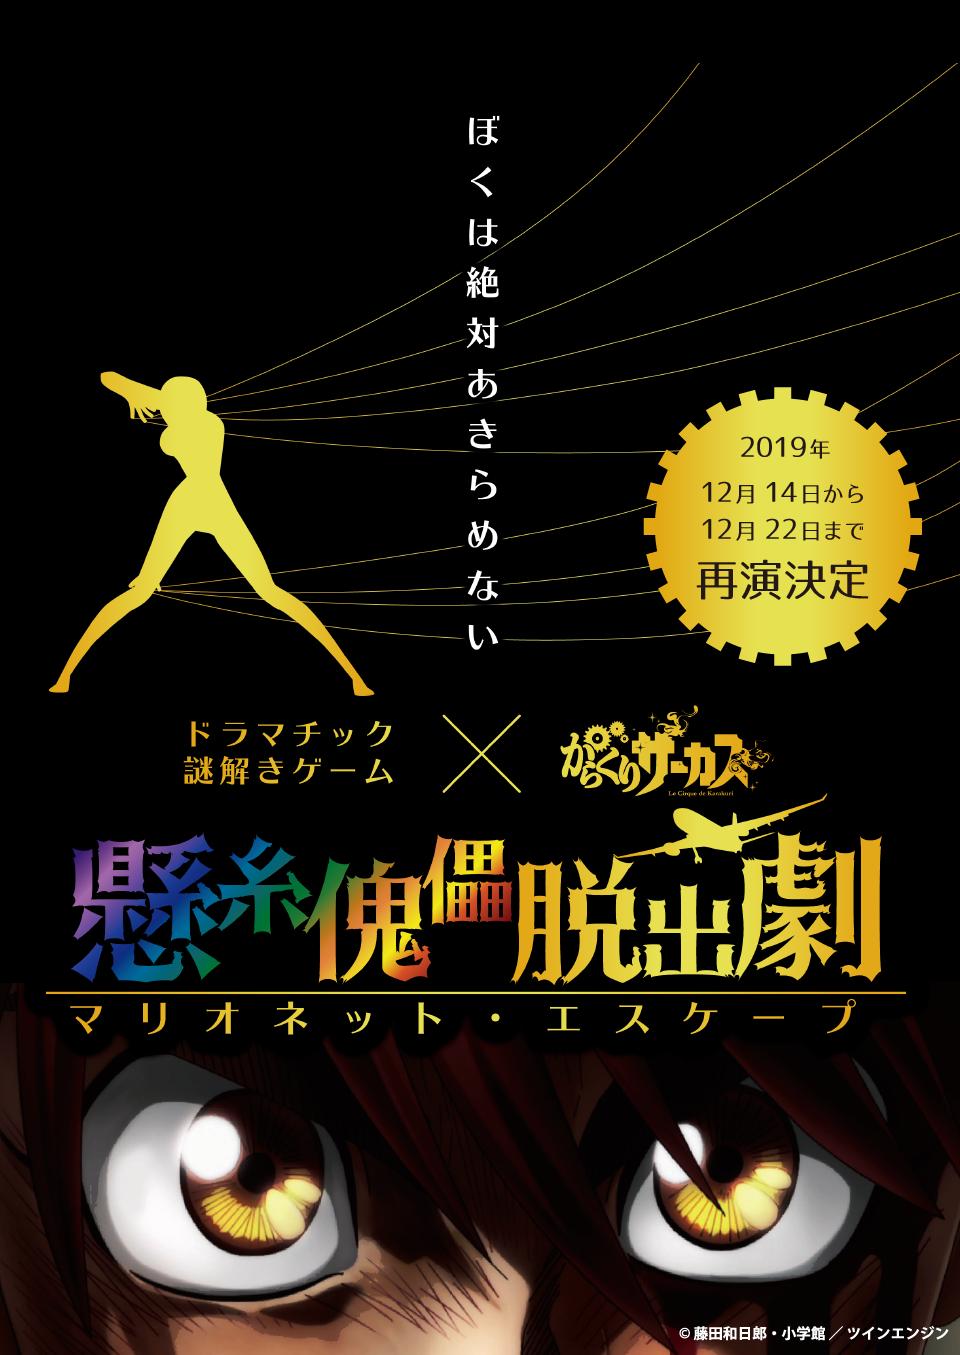 ドラマチック謎解きゲーム×からくりサーカス「懸糸傀儡脱出劇(マリオネット・エスケープ)」再演